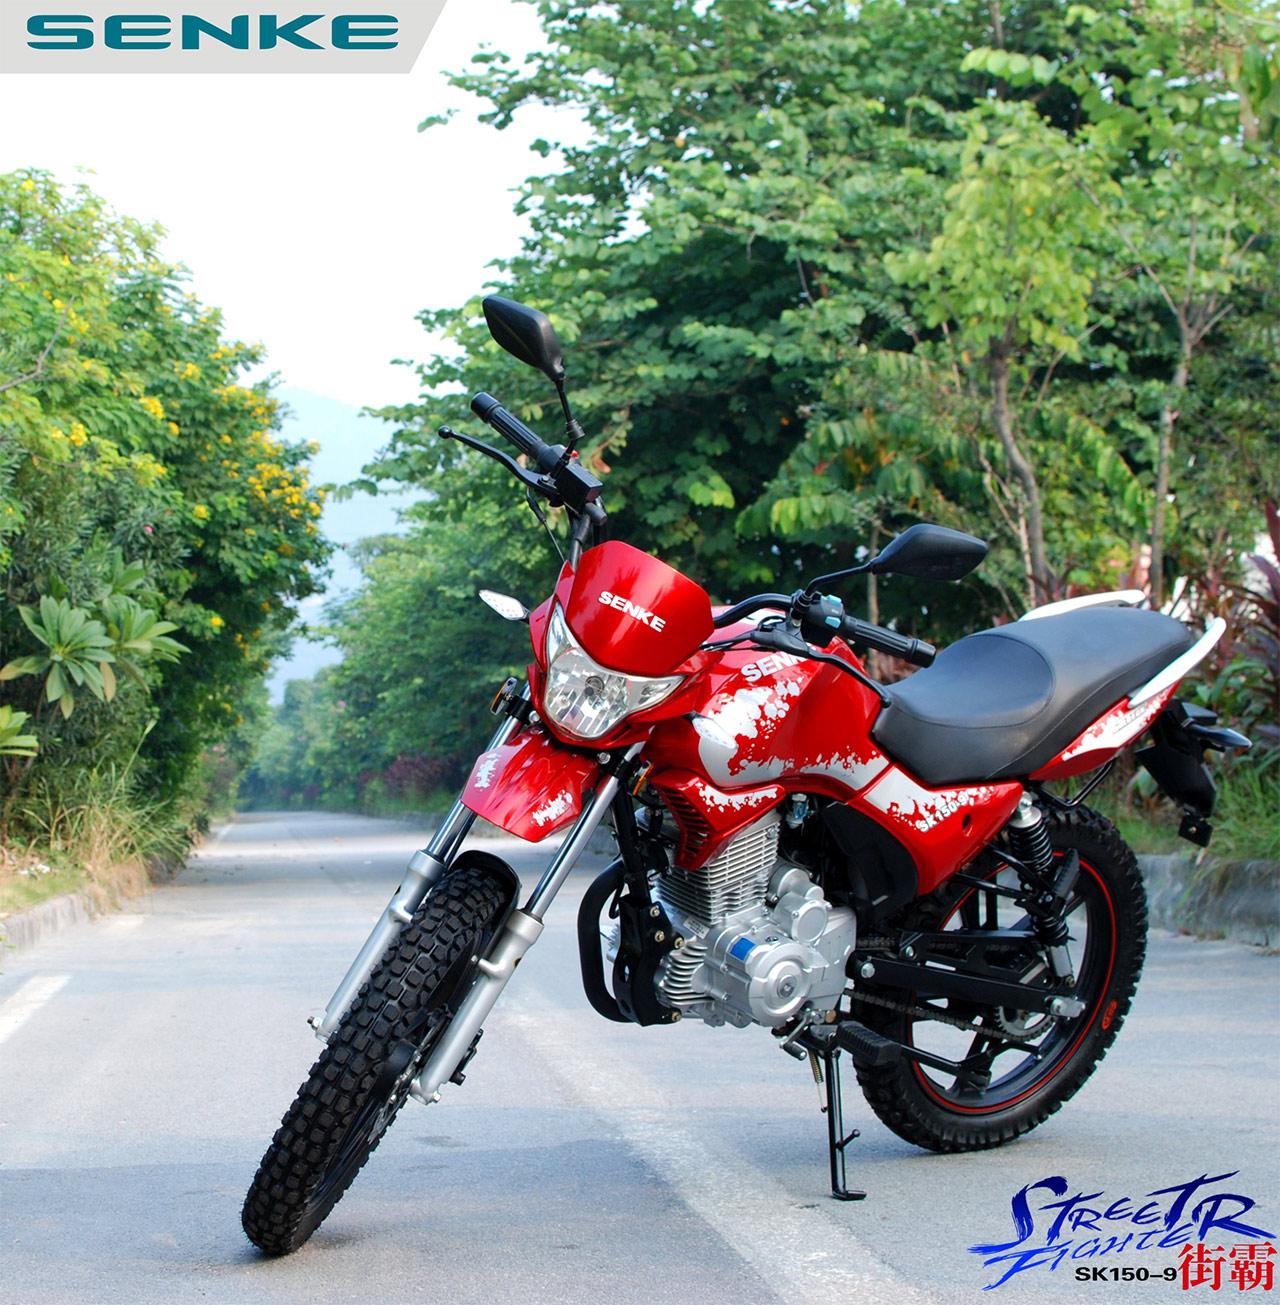 senke,森科,sk125-9